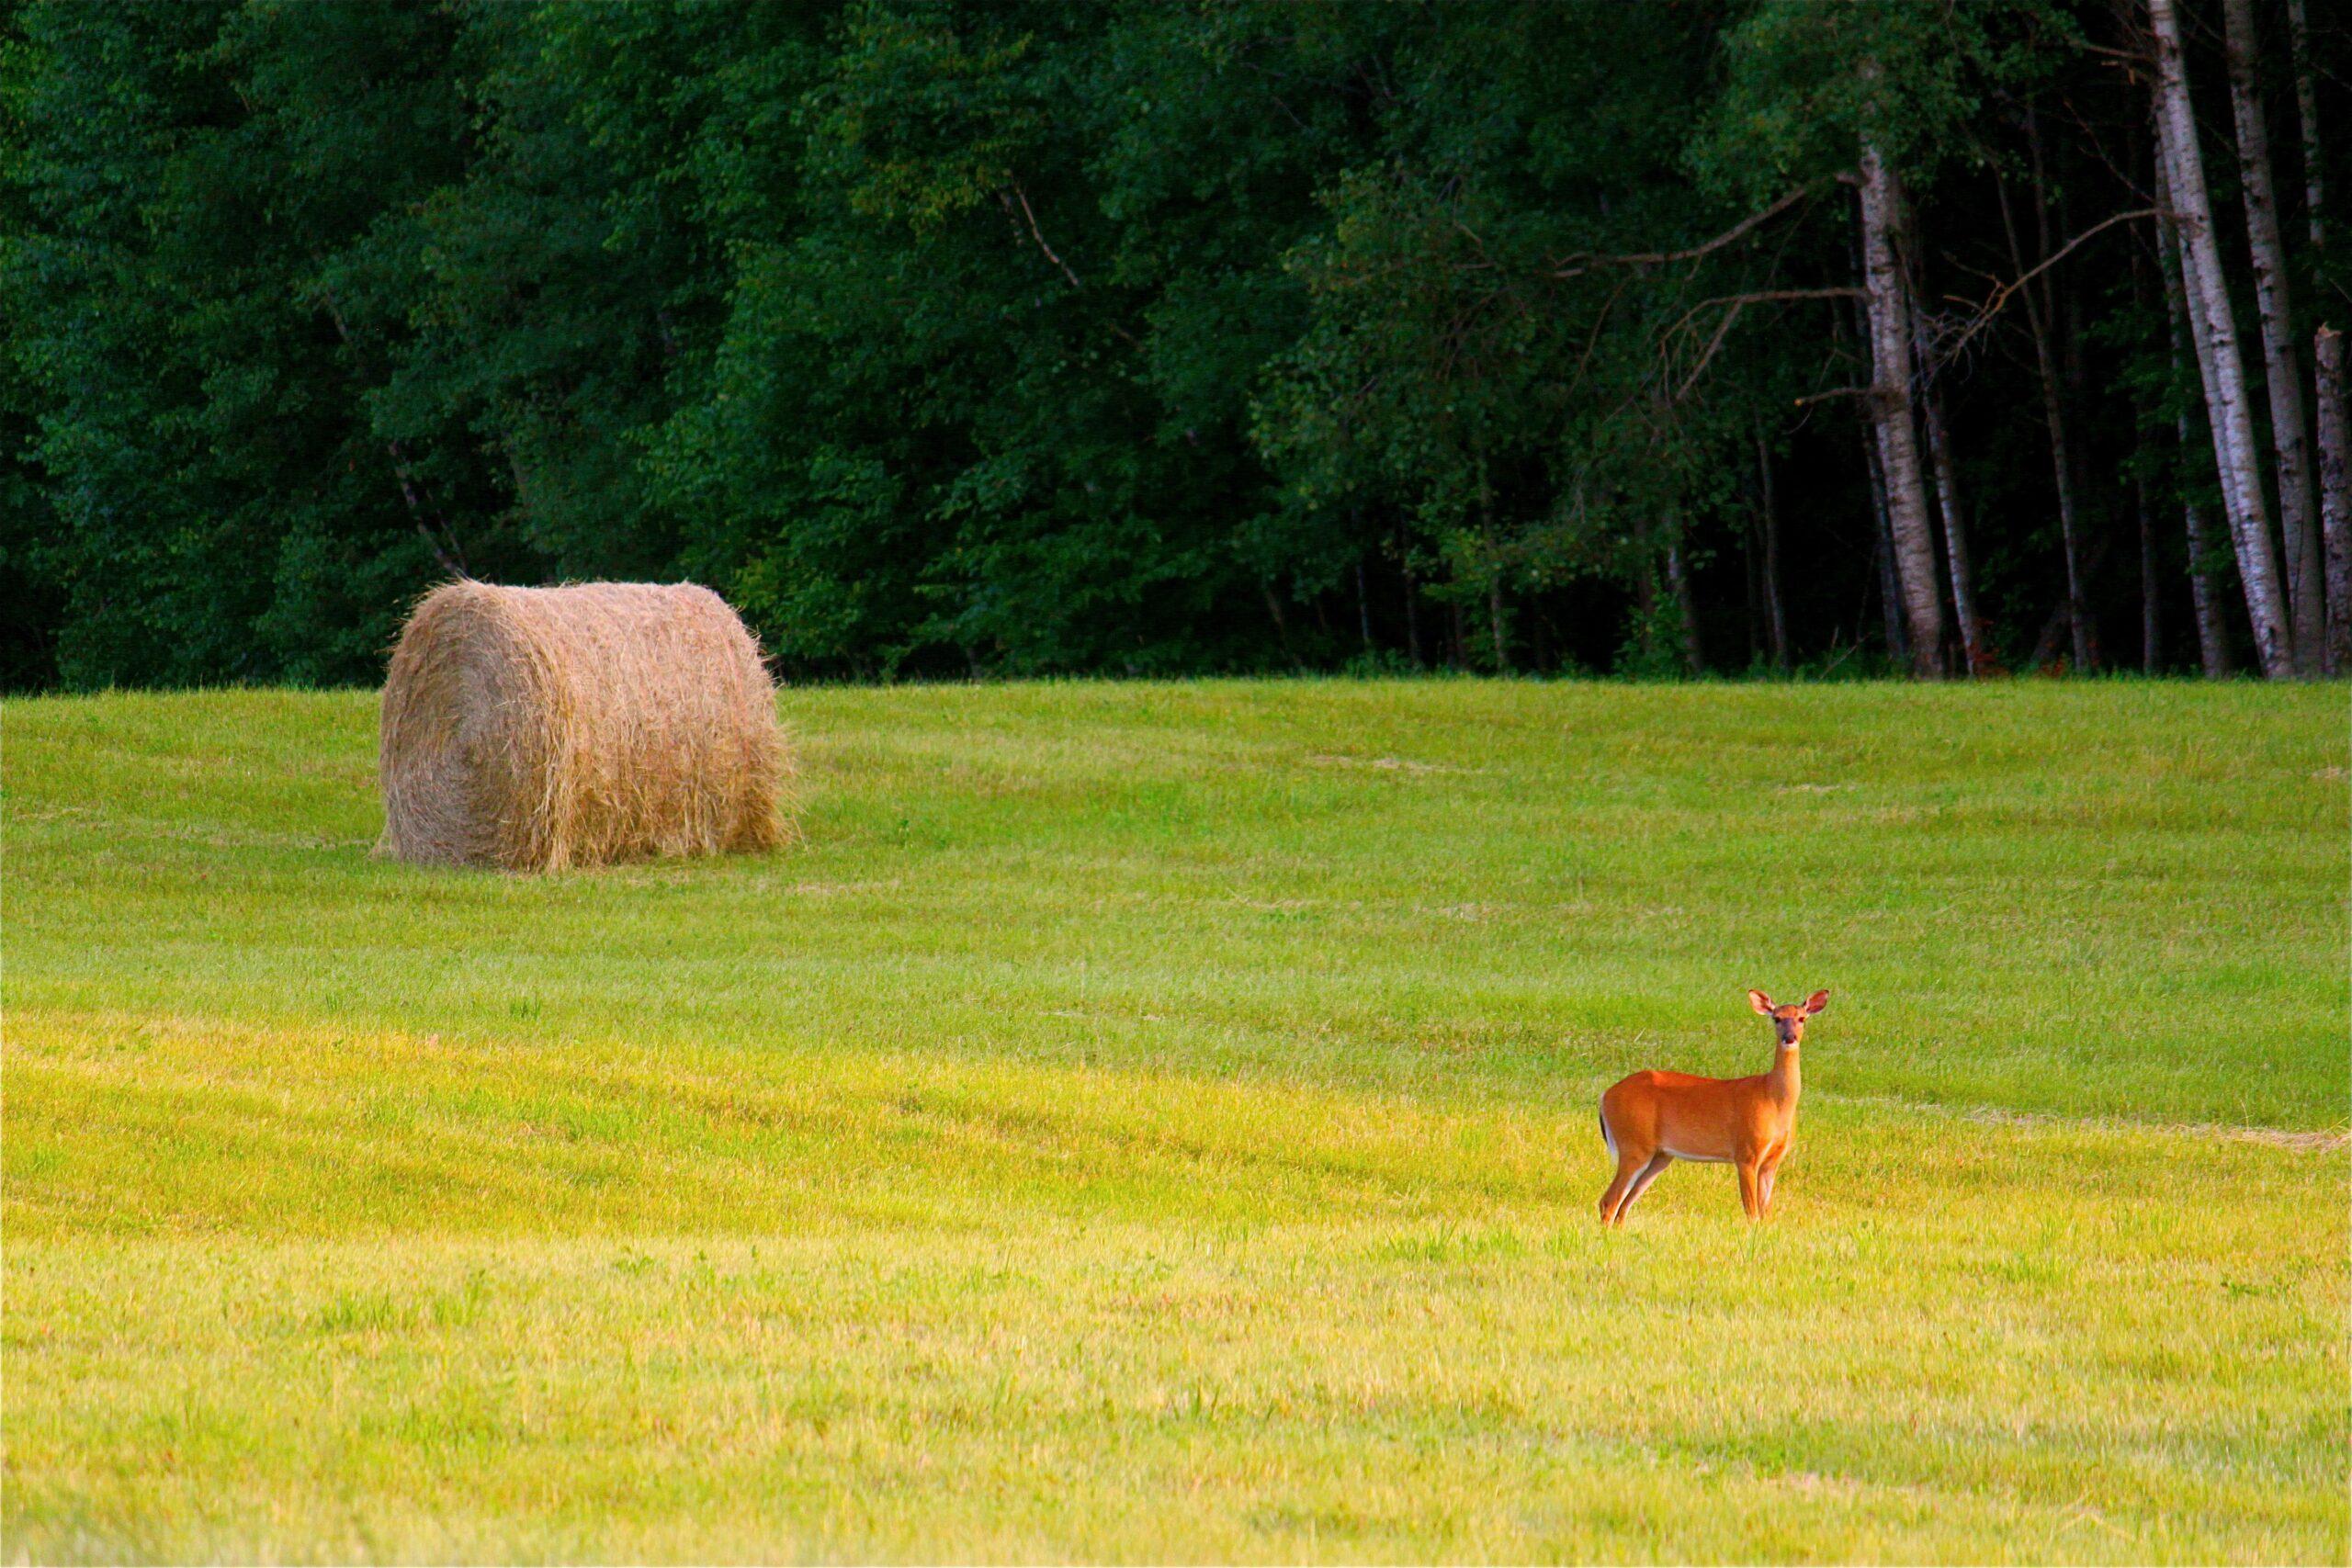 Deer in Field with Hay Bail